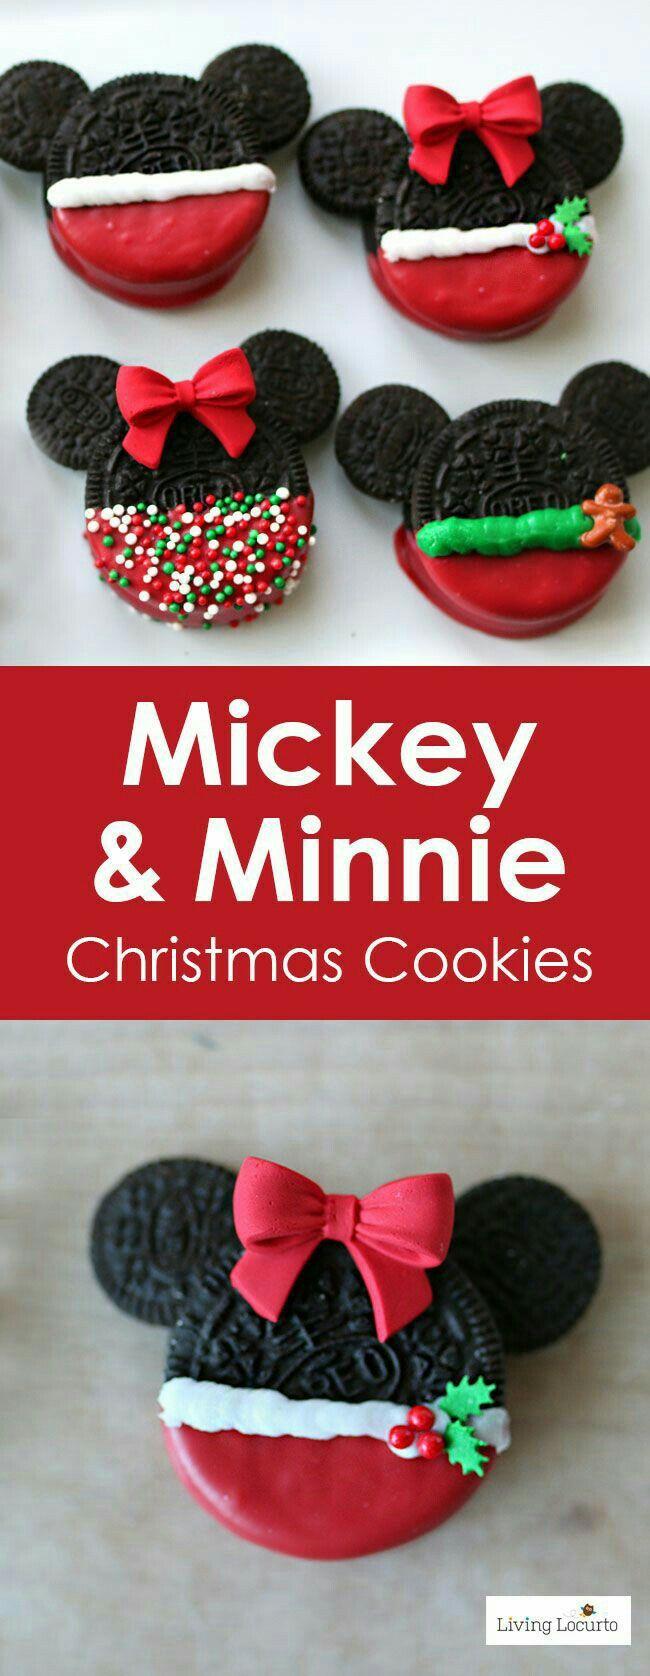 Christmas Recipes - Mickey & Minnie Christmas Cookies #ChristmasCookies #Minnie #Mickey #Cookies #Christmas